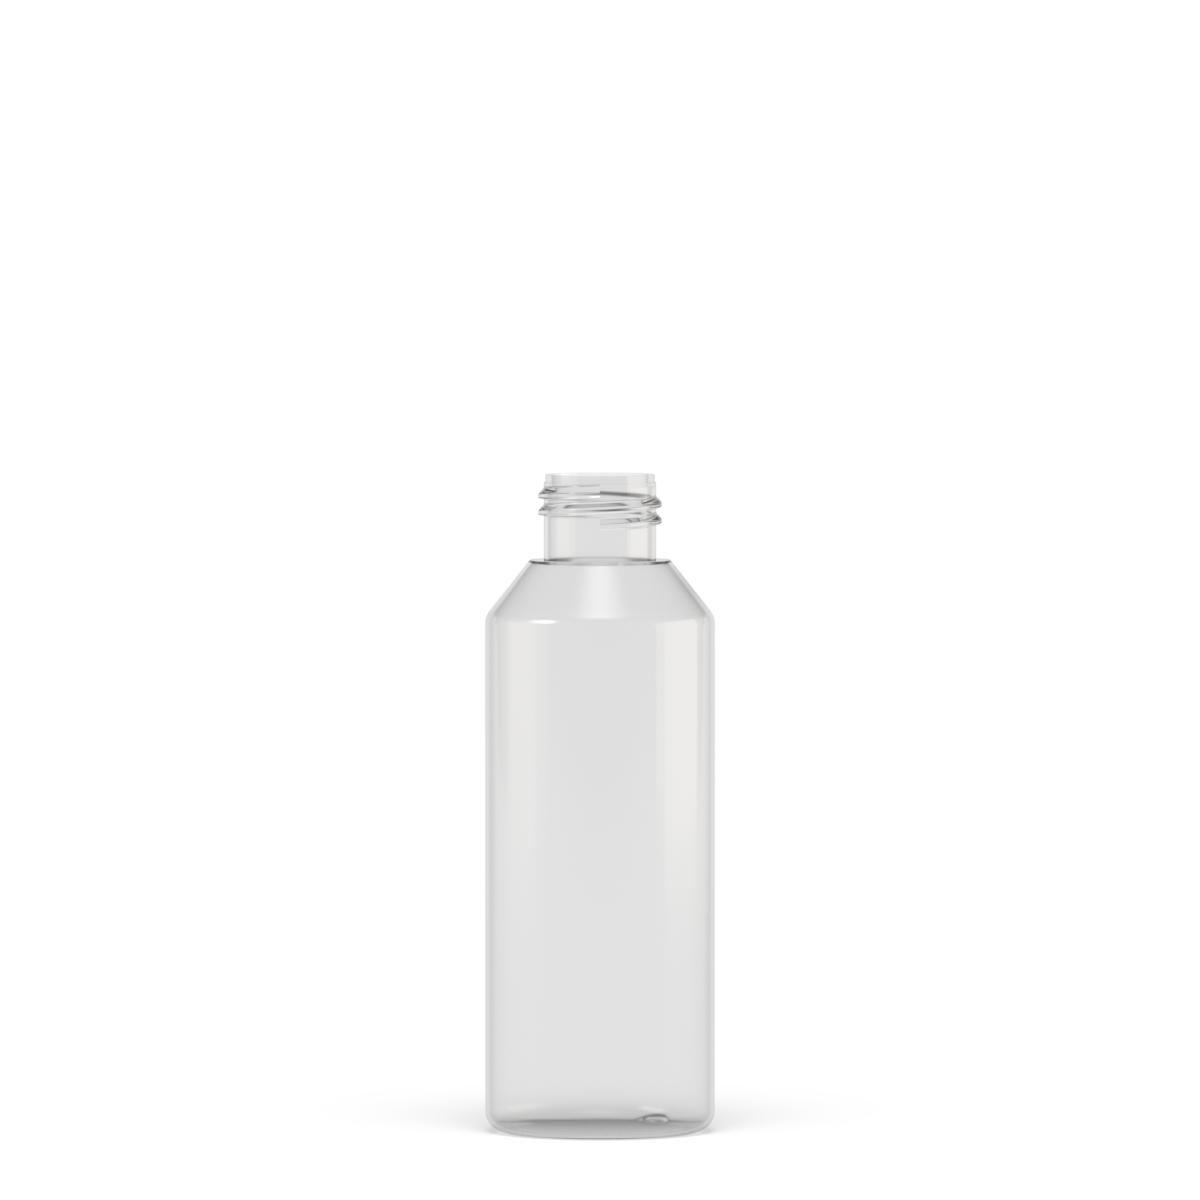 Flacone cilindrico spalla conica 125 ml PETG, collo 24/410, linea MANHATTAN